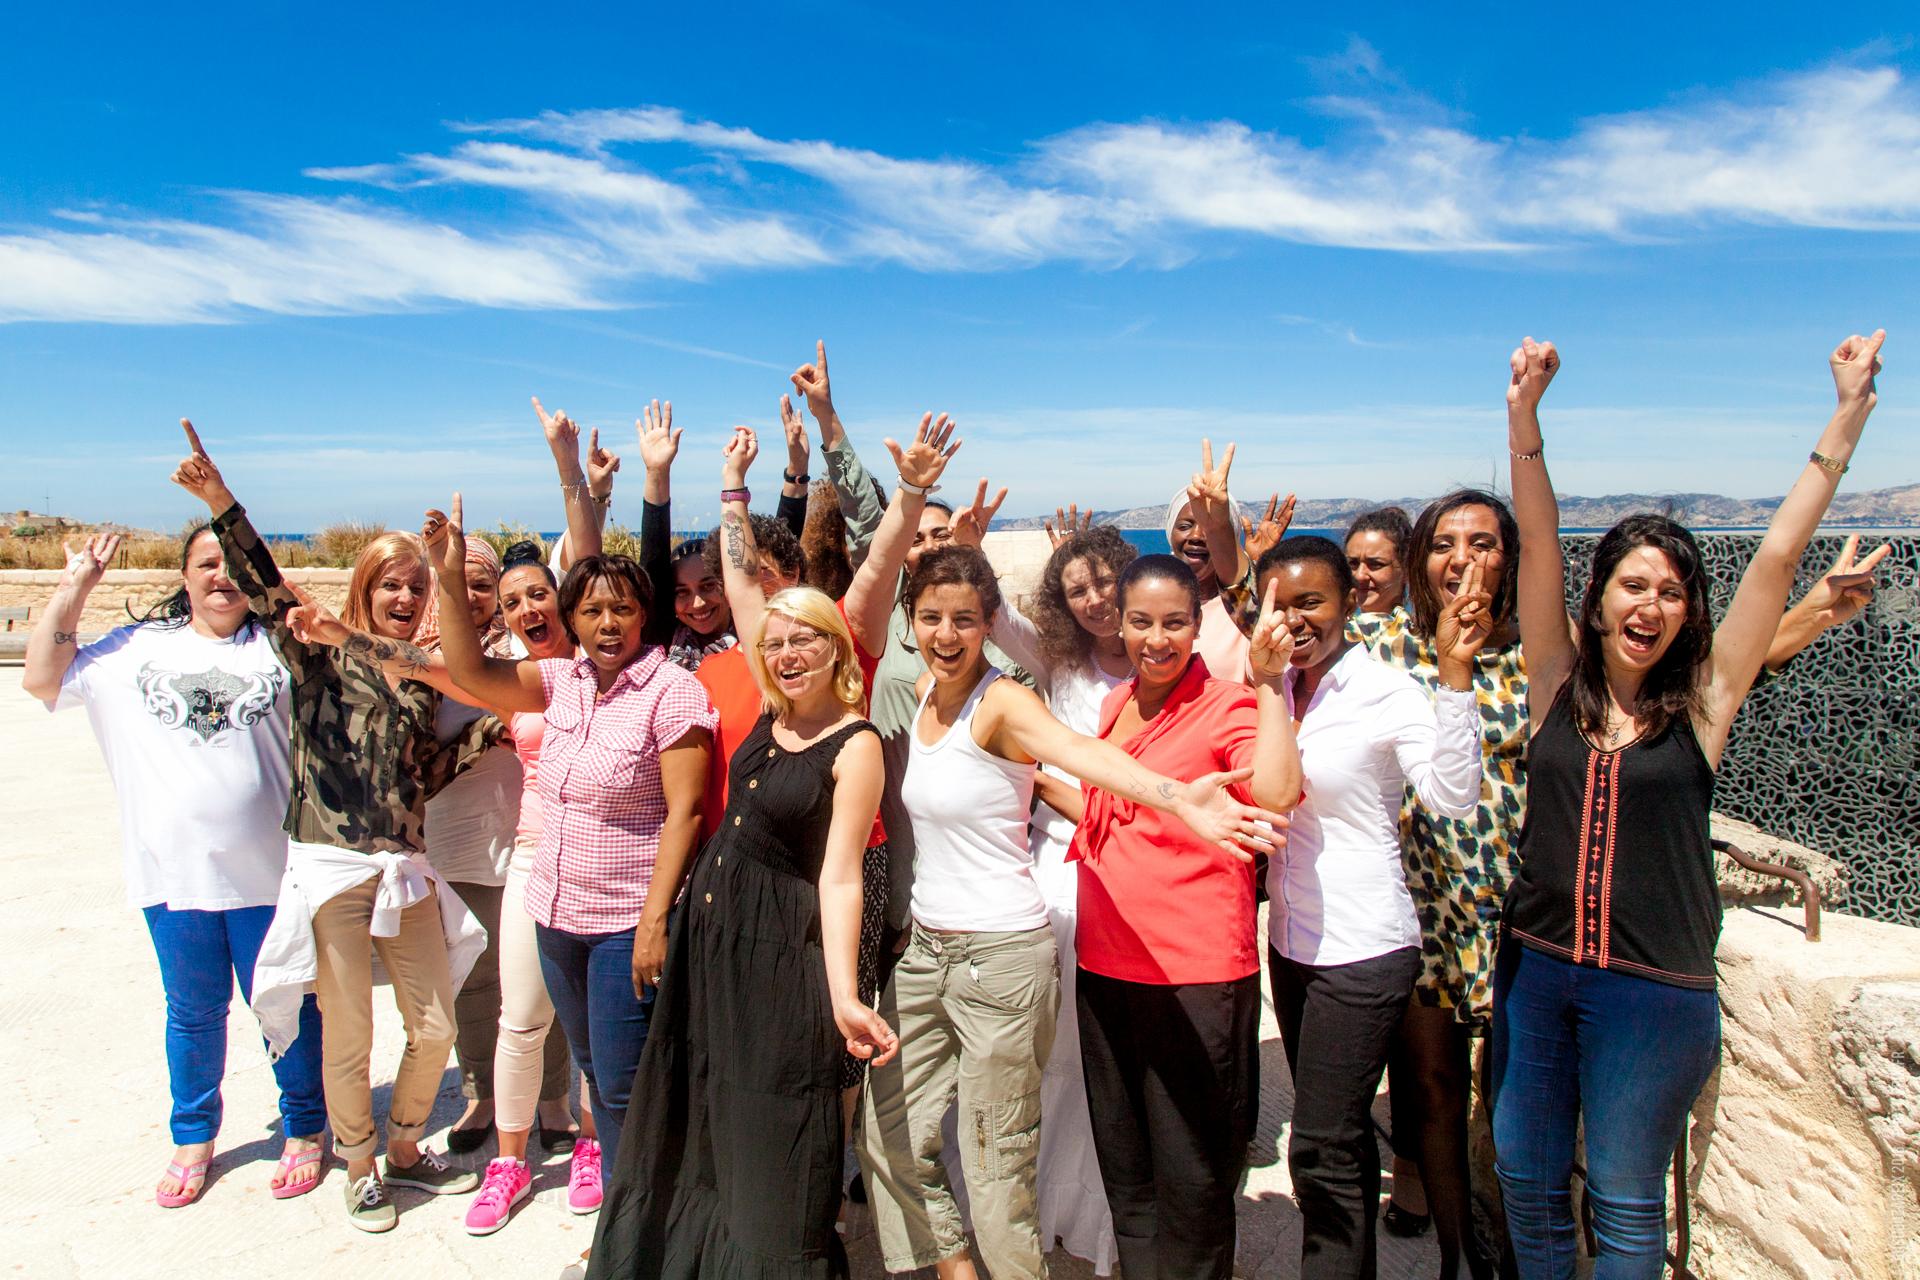 La Fondation Caritas, Alain Ducasse et 12 femmes accompagnées